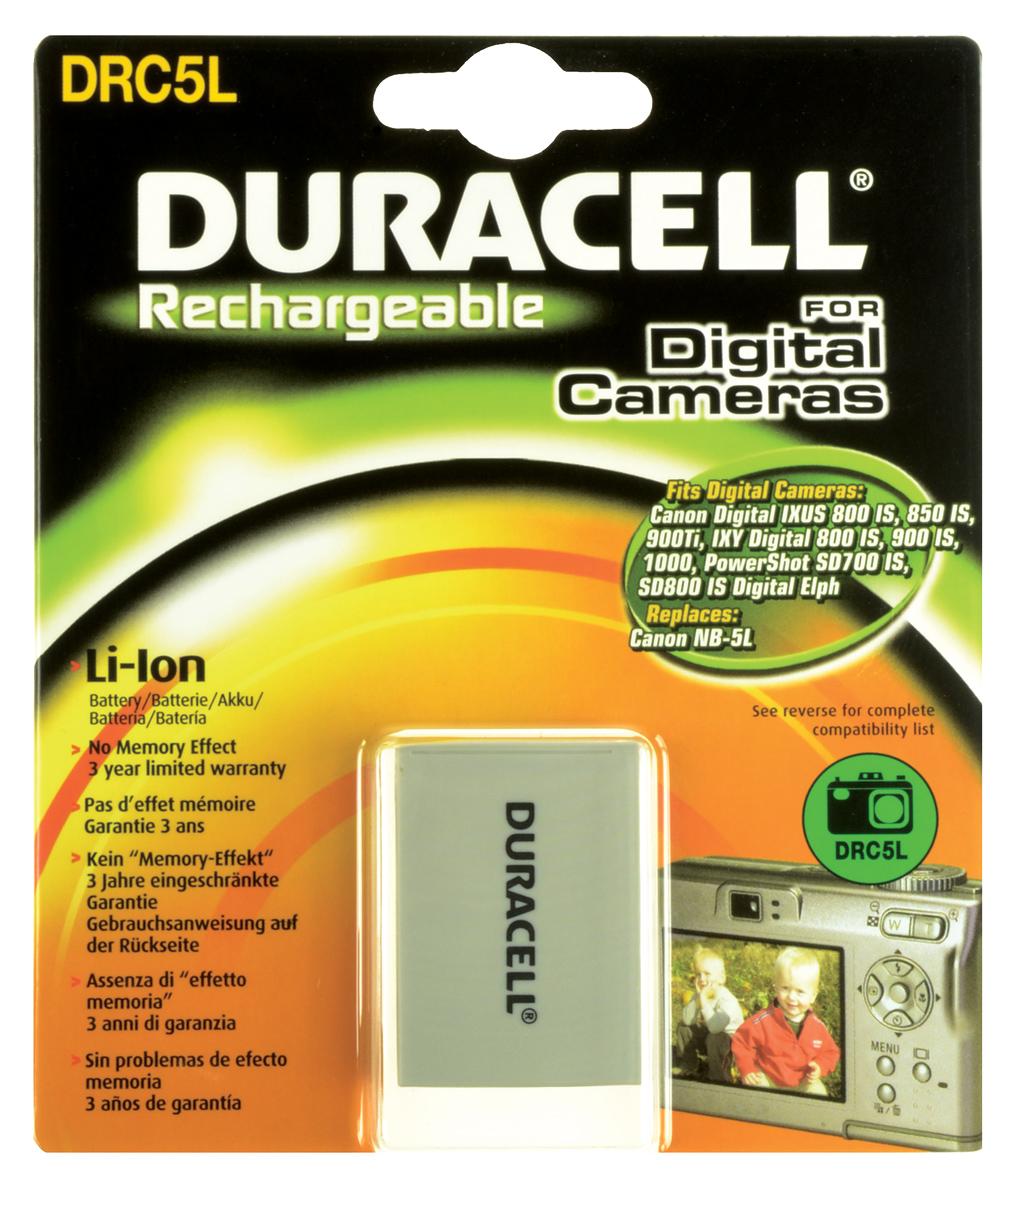 Baterie do fotoaparátu Canon PowerShot SX230 HS Black/PowerShot SX230 HS Blue/PowerShot SX230 HS Red, 820mAh, 3.7V, DRC5L, blistr